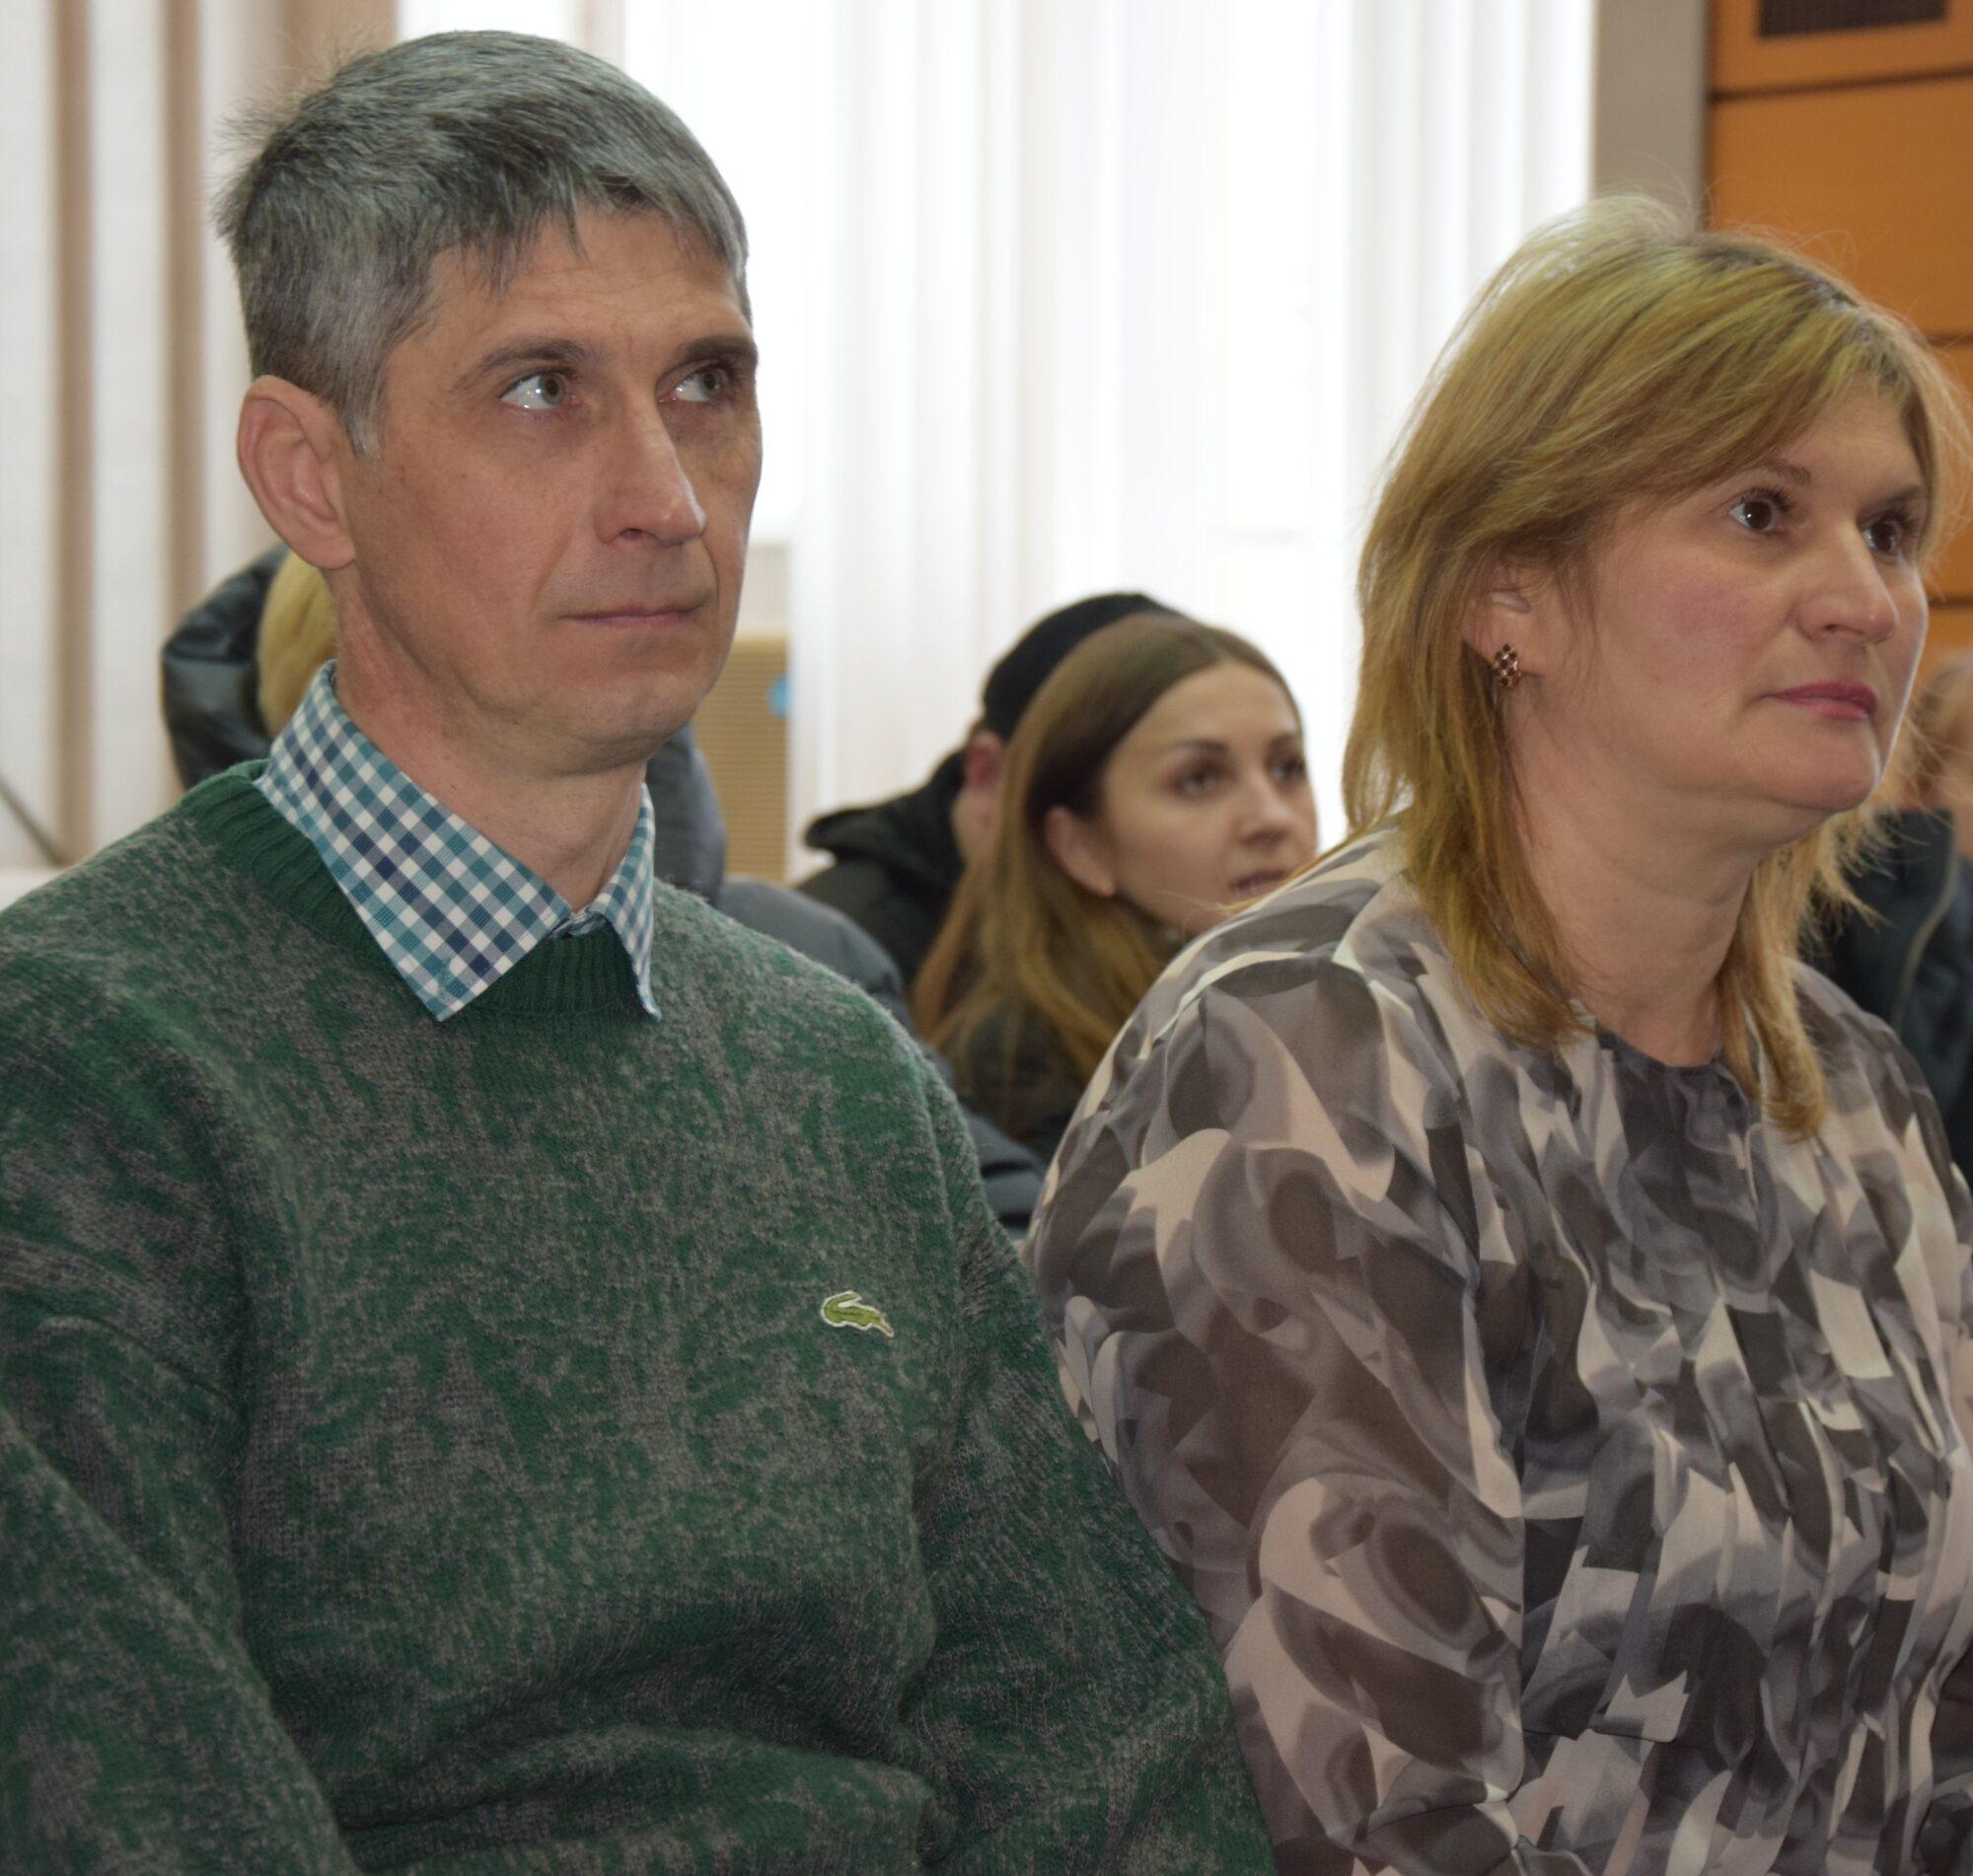 Жінка з Переяслава отримала звання «Мати-героїня» - Переяслав, мати-героїня, звання - DSC 0043 1 2000x1902